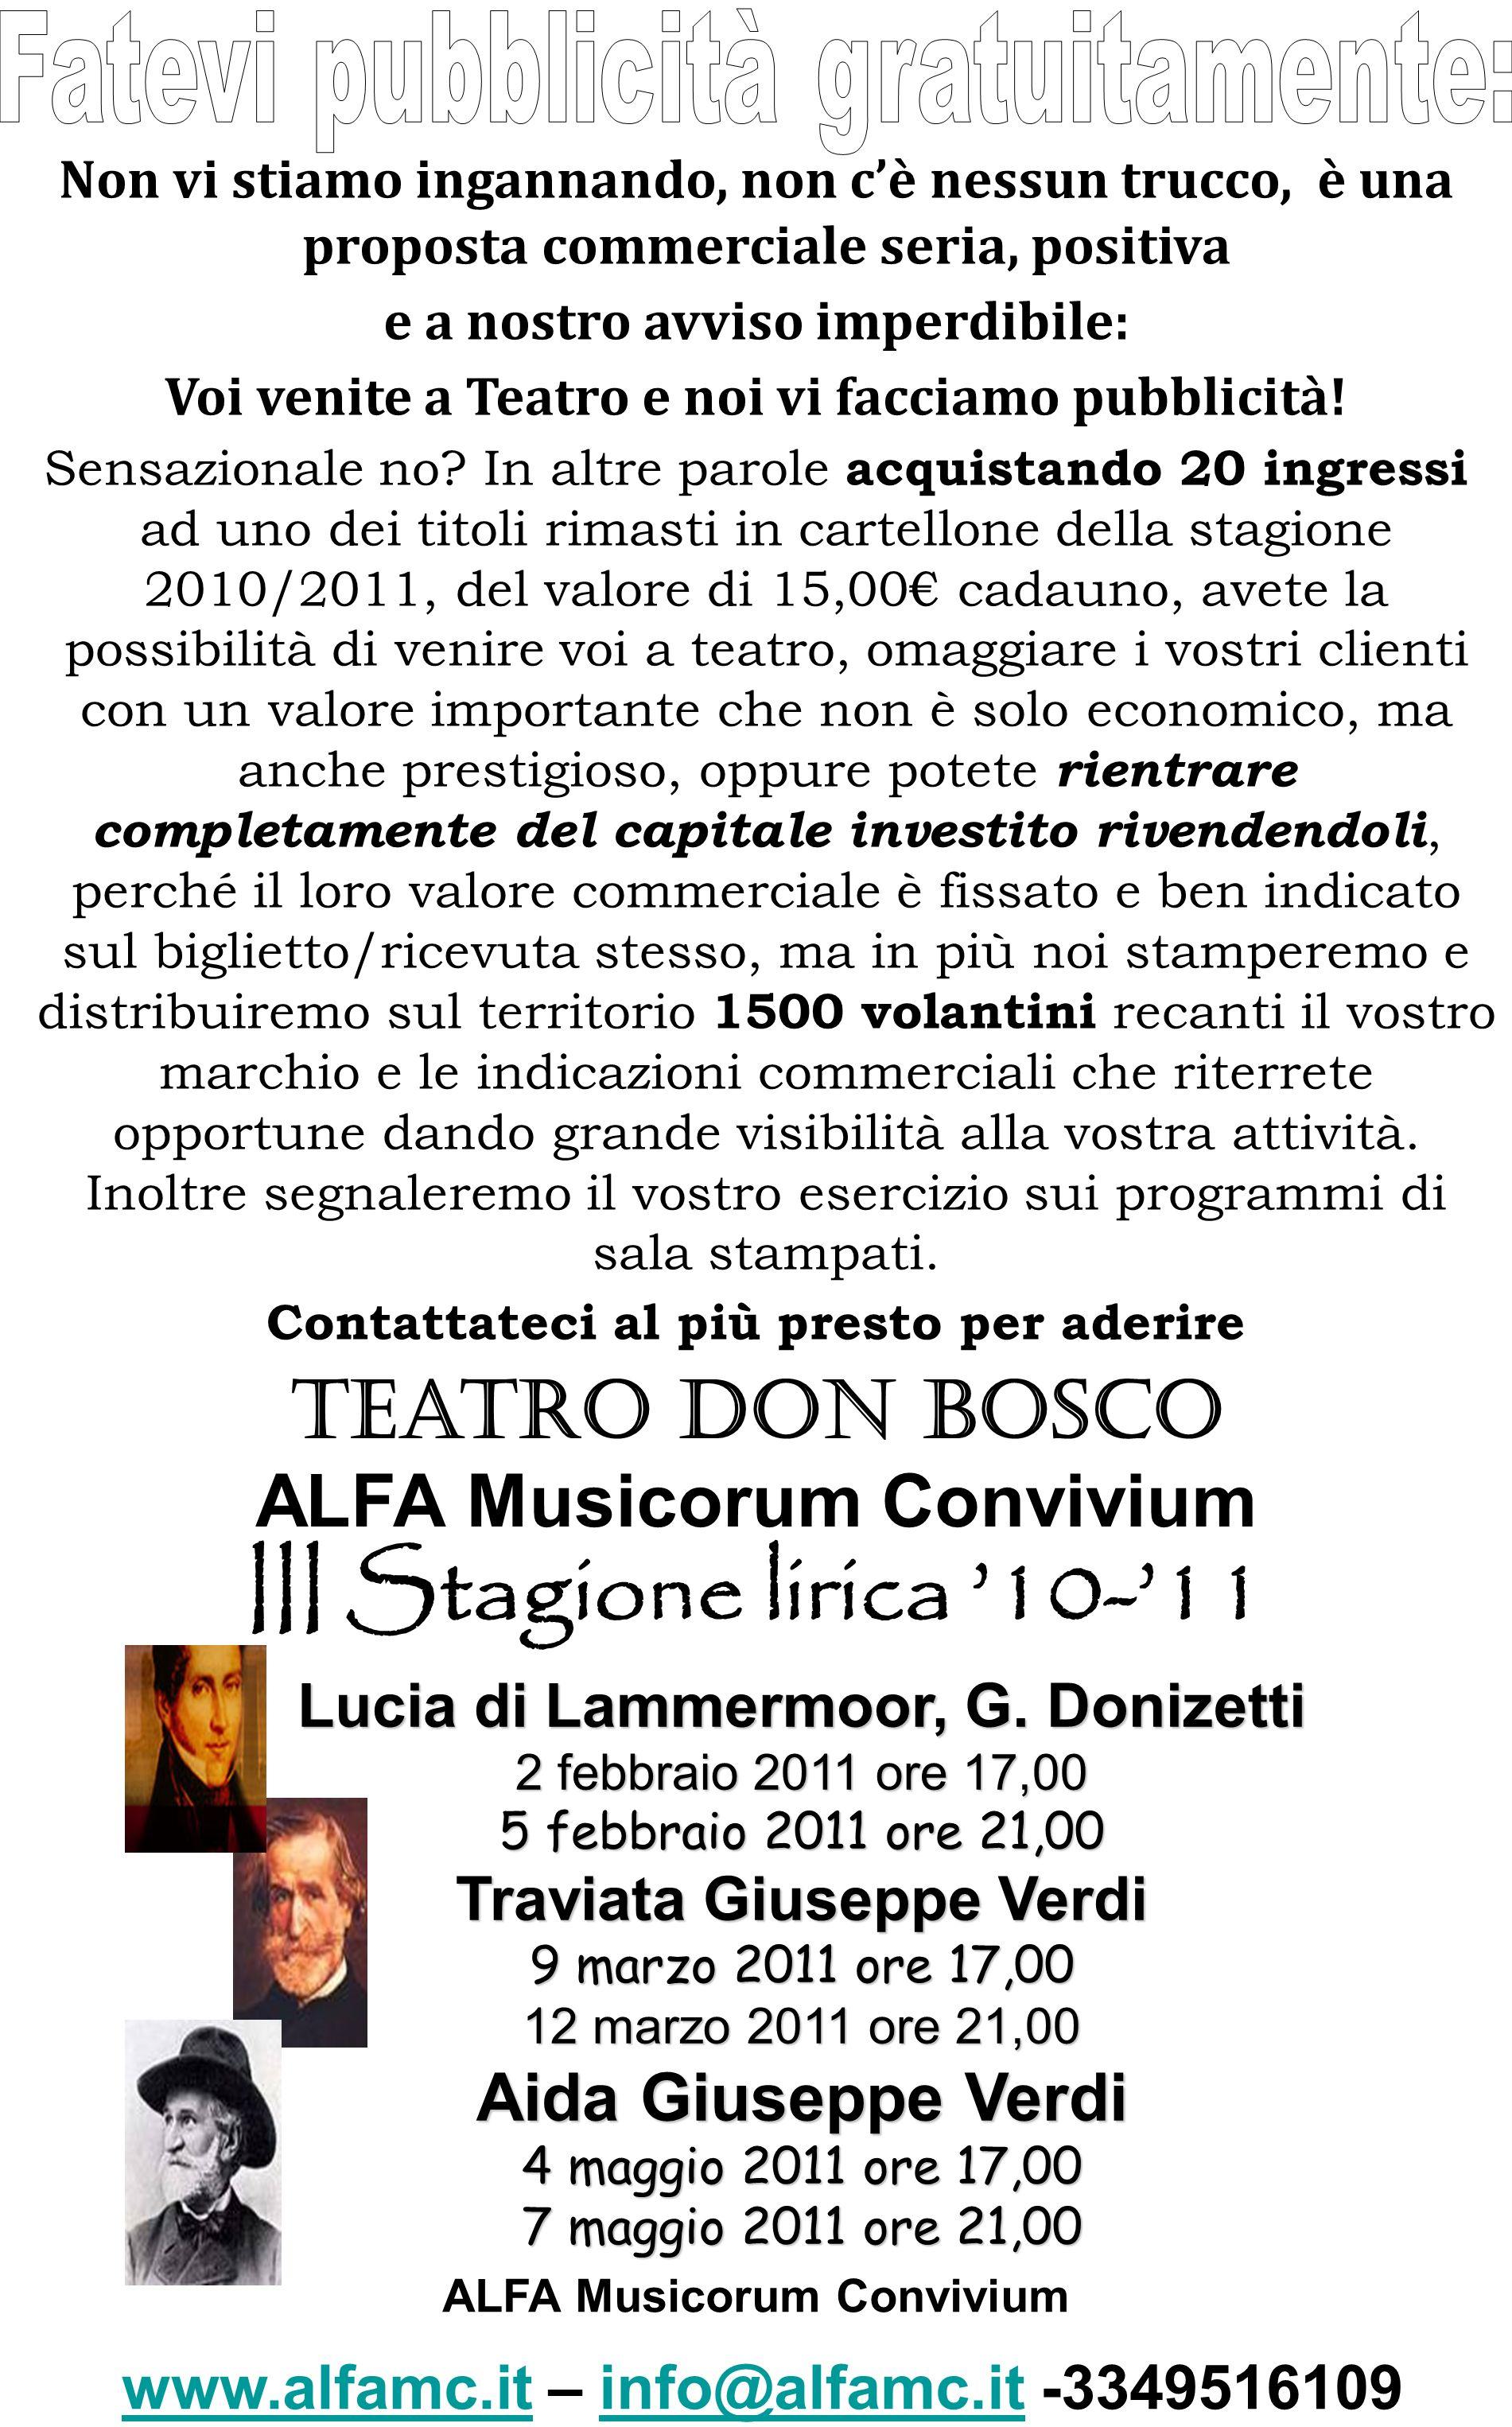 ALFA Musicorum Convivium www.alfamc.it – info@alfamc.it -3349516109 www.alfamc.itinfo@alfamc.it Teatro Don Bosco ALFA Musicorum Convivium III Stagione